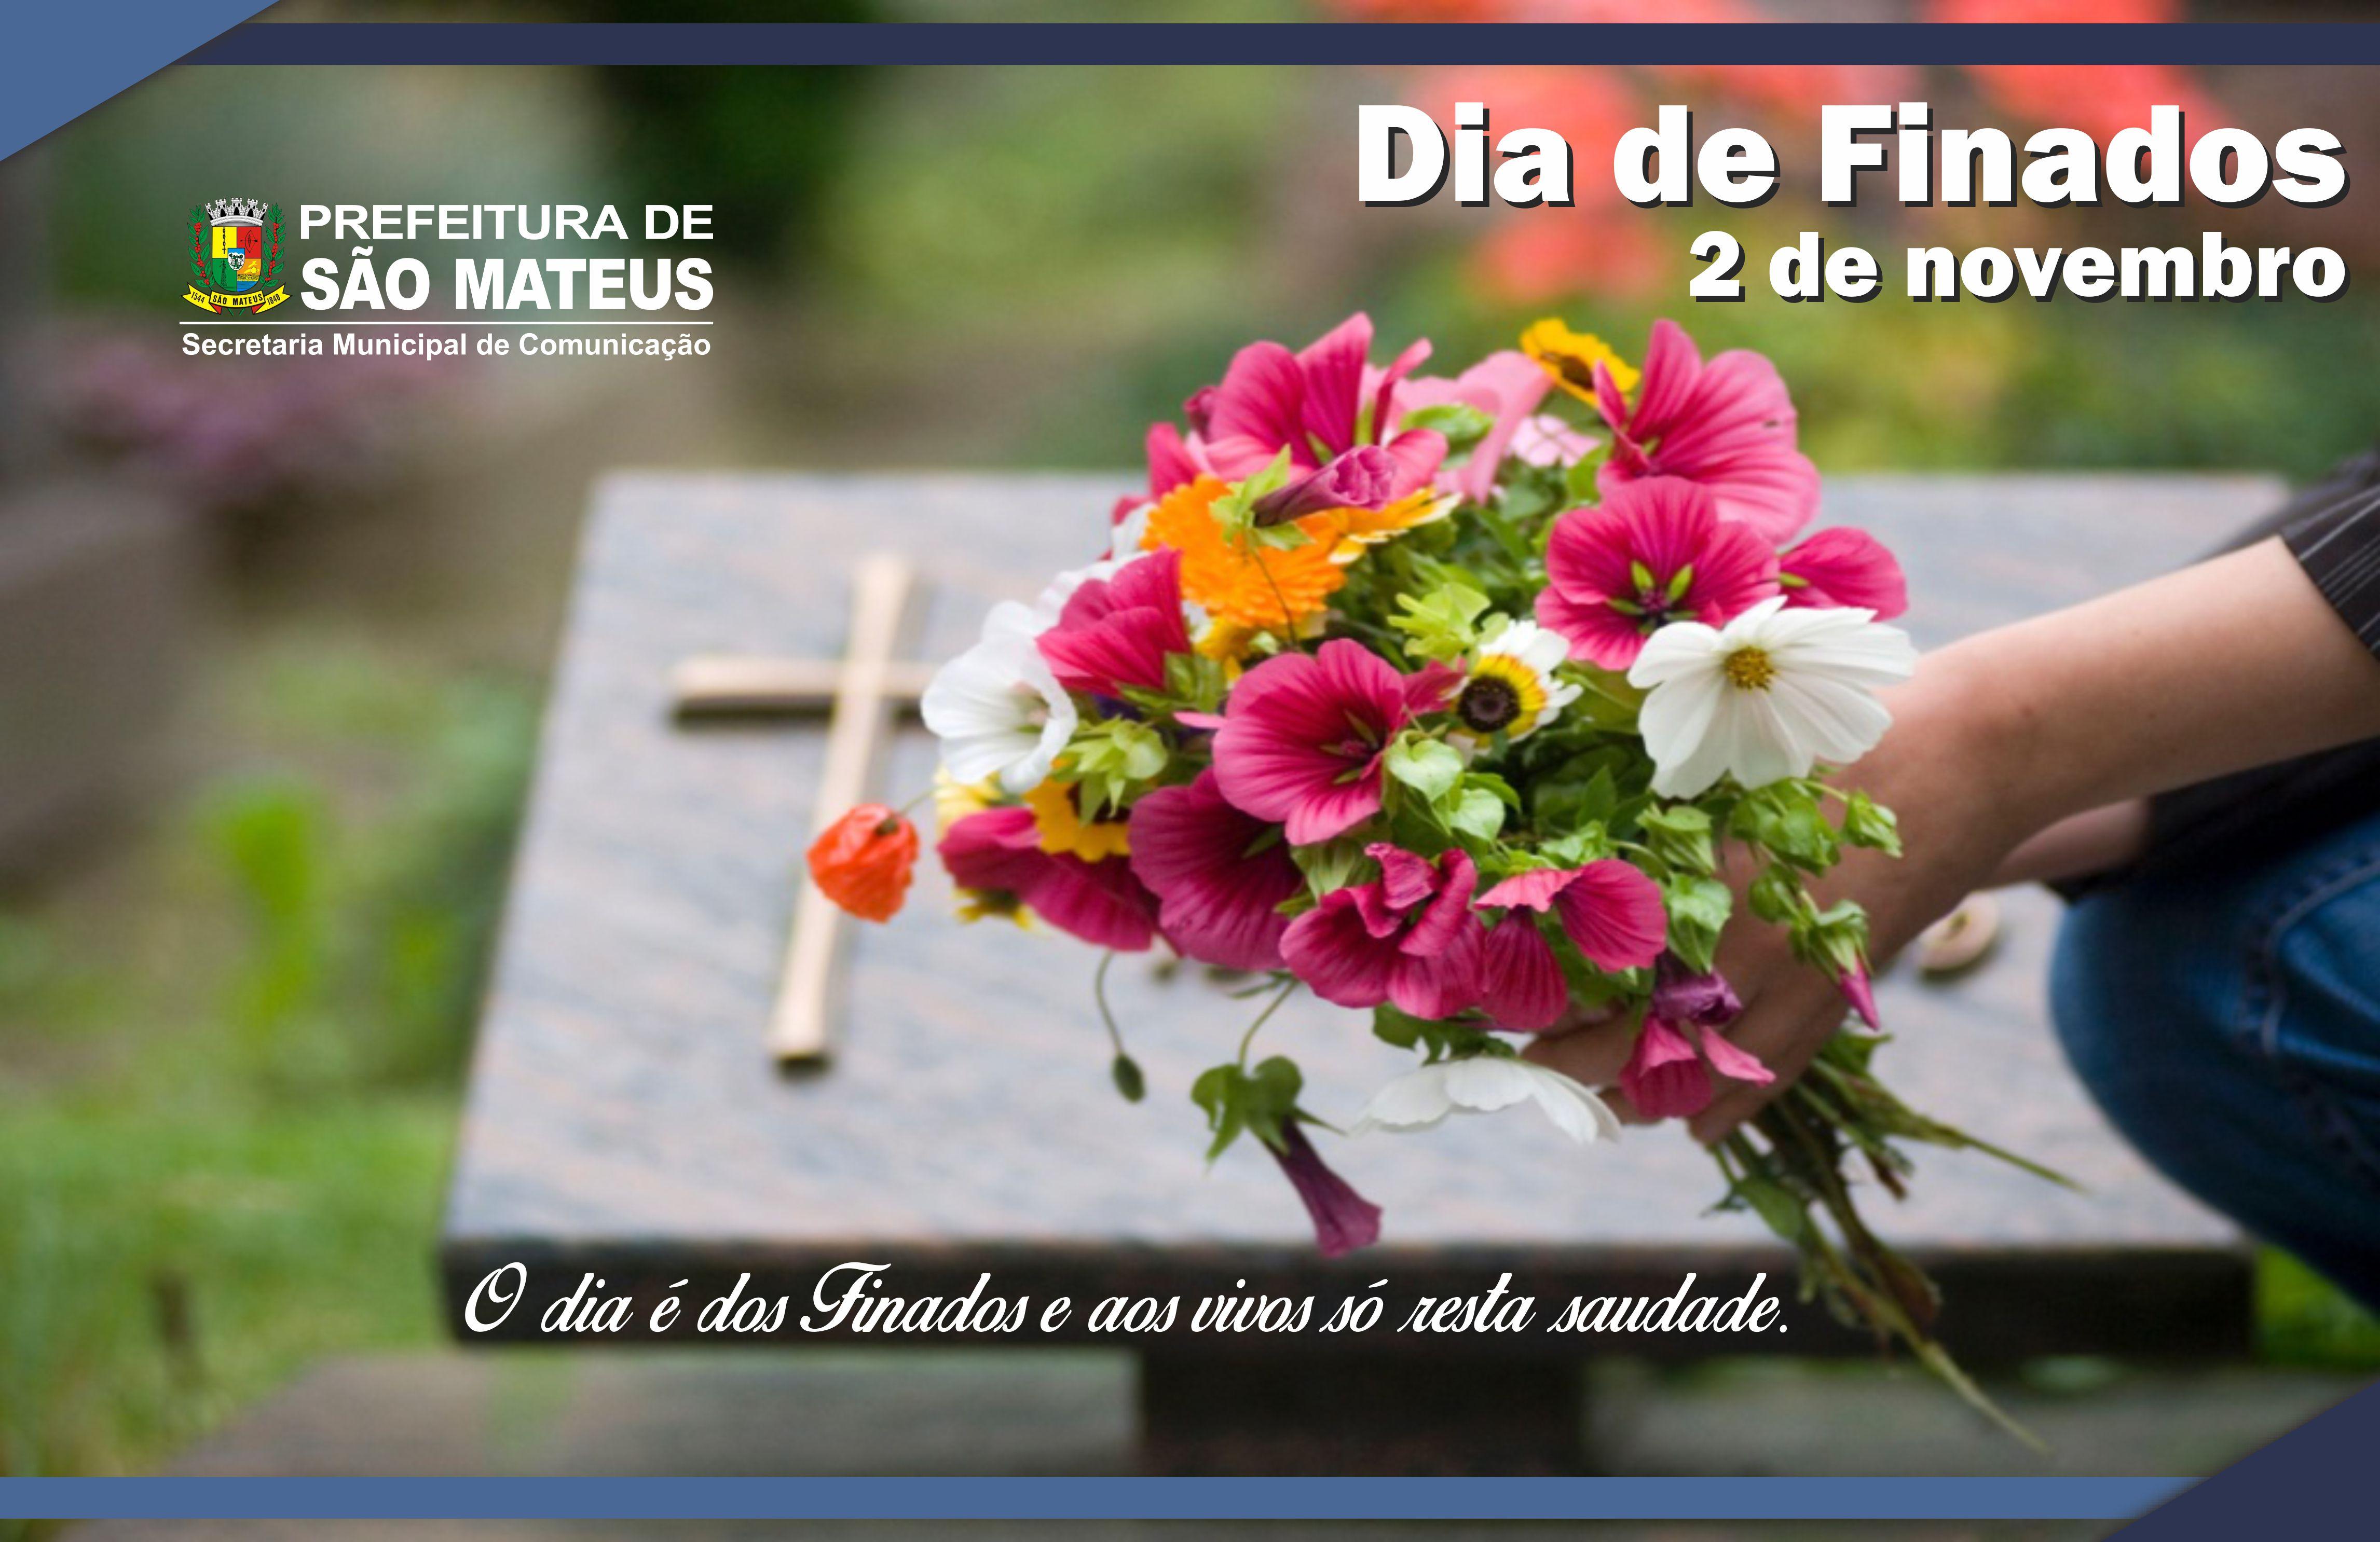 Cemitérios de São Mateus devem receber 20 mil pessoas no Dia de Finados